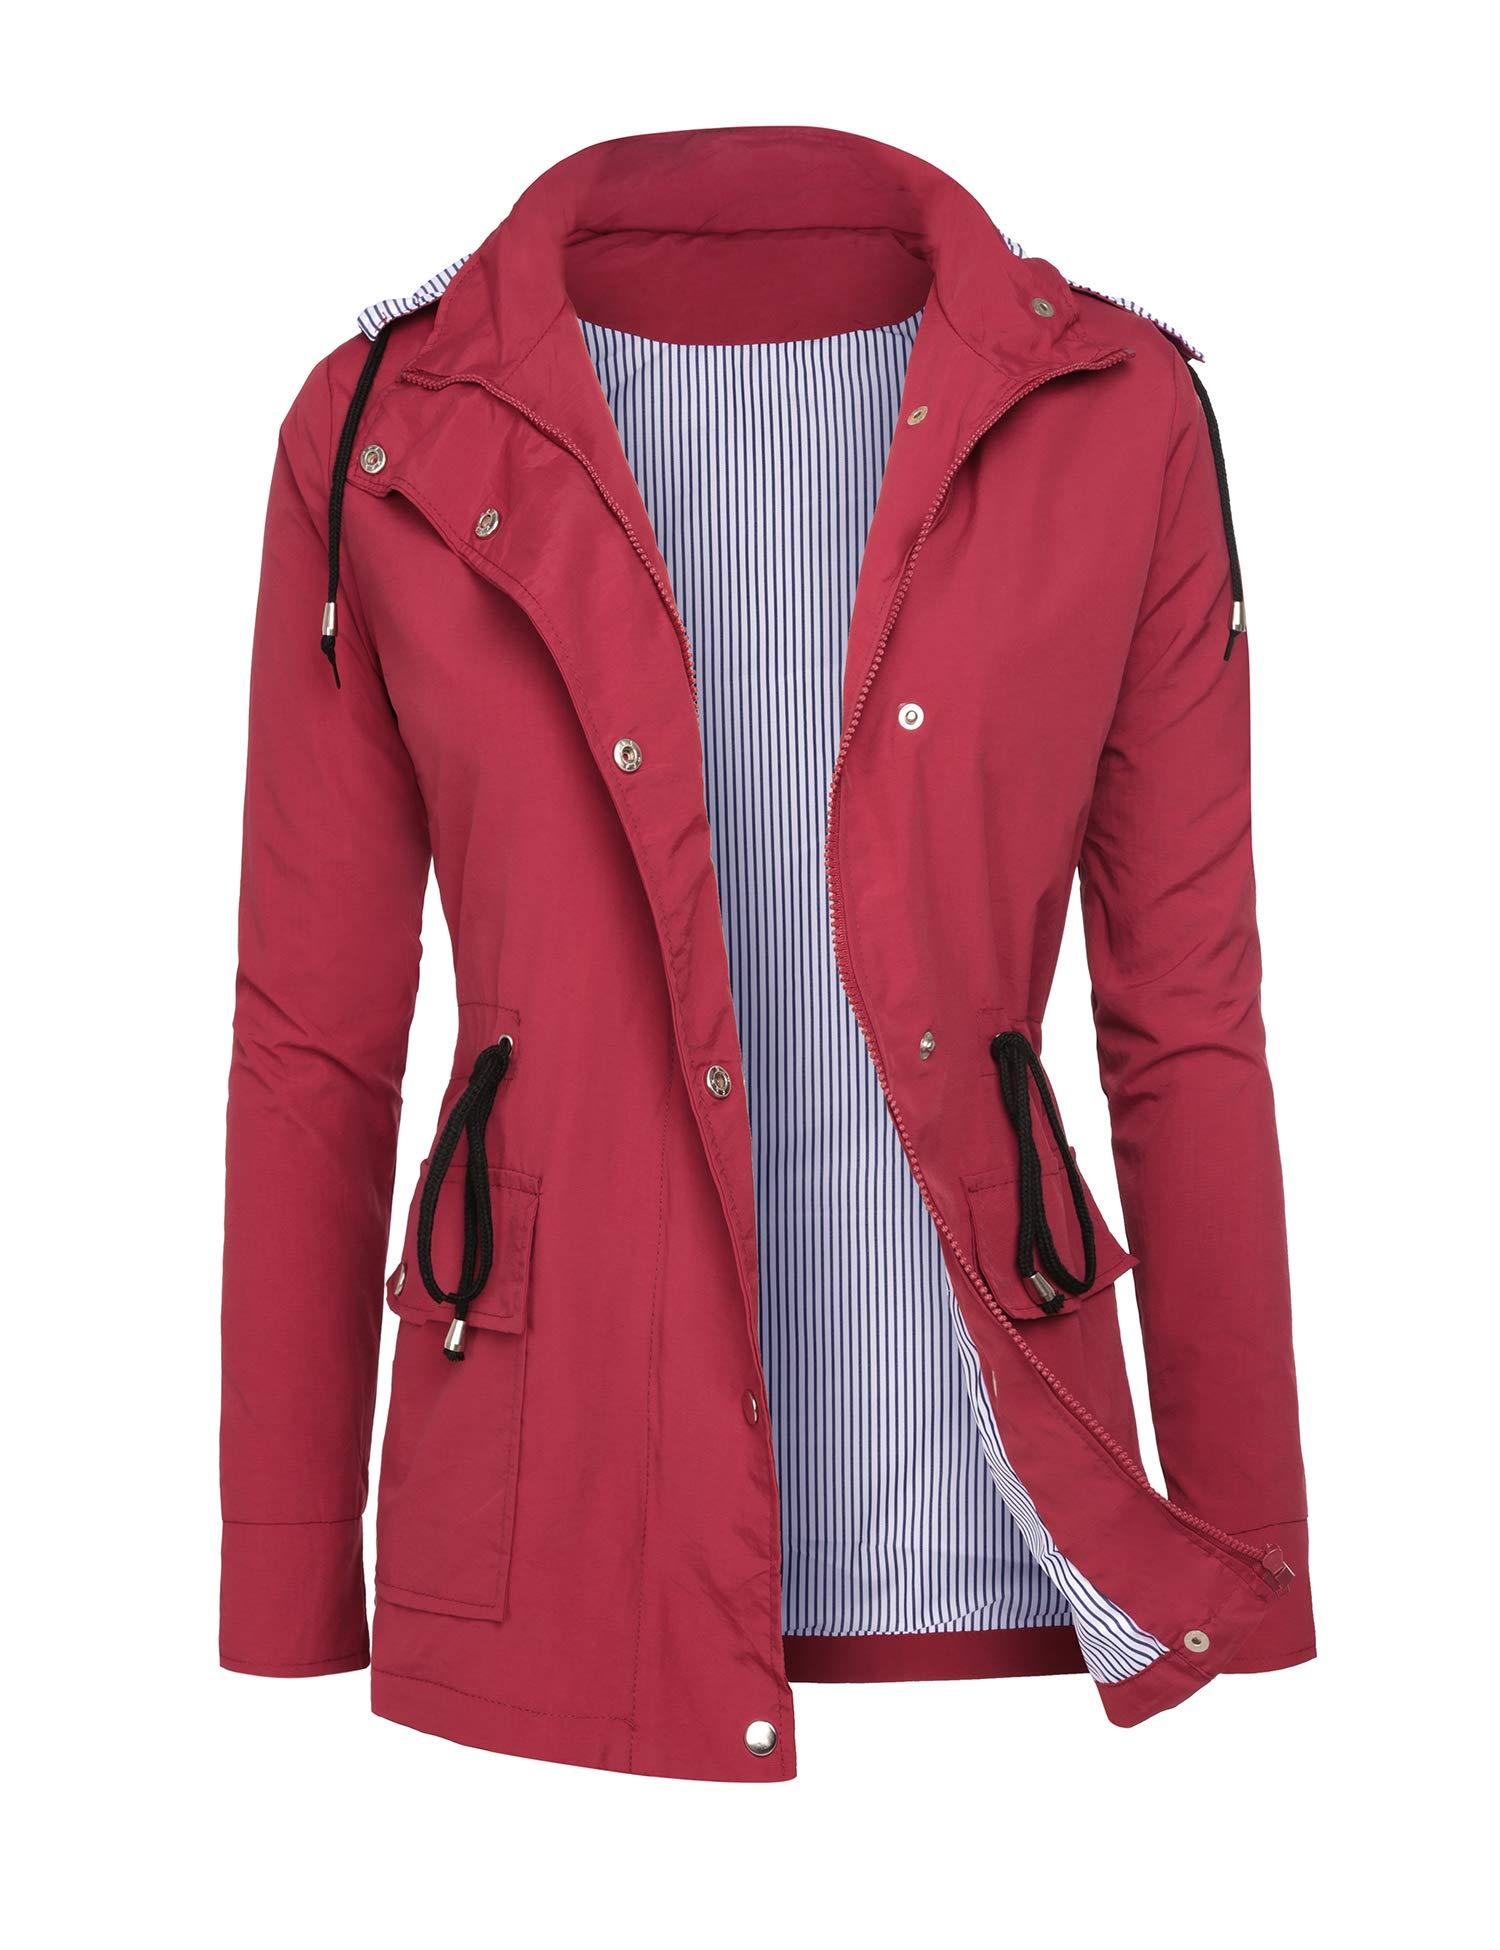 DOSWODE Raincoats Women Waterproof Rain Jackets Detachable Hooded Striped Lined Windbreaker for Women Red S by DOSWODE